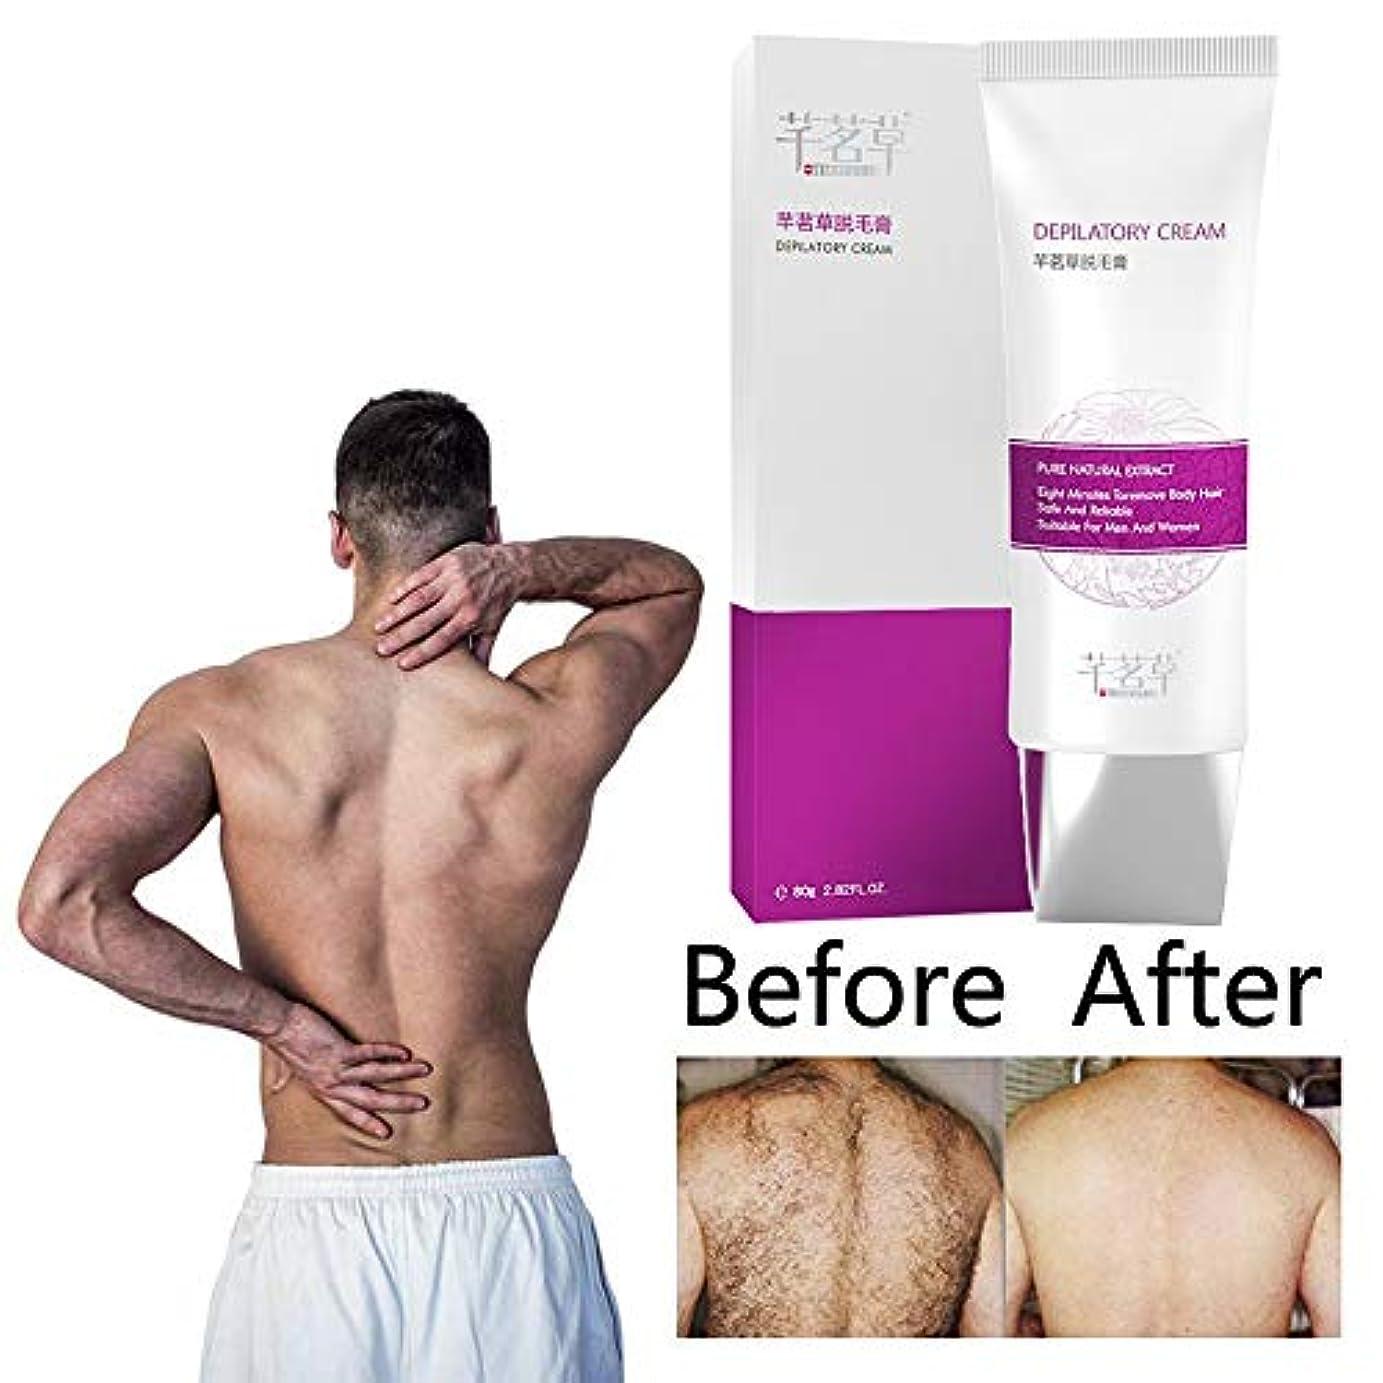 引き金地平線促進する脱毛 温和無痛 敏感肌適当な、 脱毛スプレースーパーナチュラル痛みのないパーマネント脱毛クリームソフトスキン、安全で便利、細かい髪を取り除き、メイクをより親しみやすくする